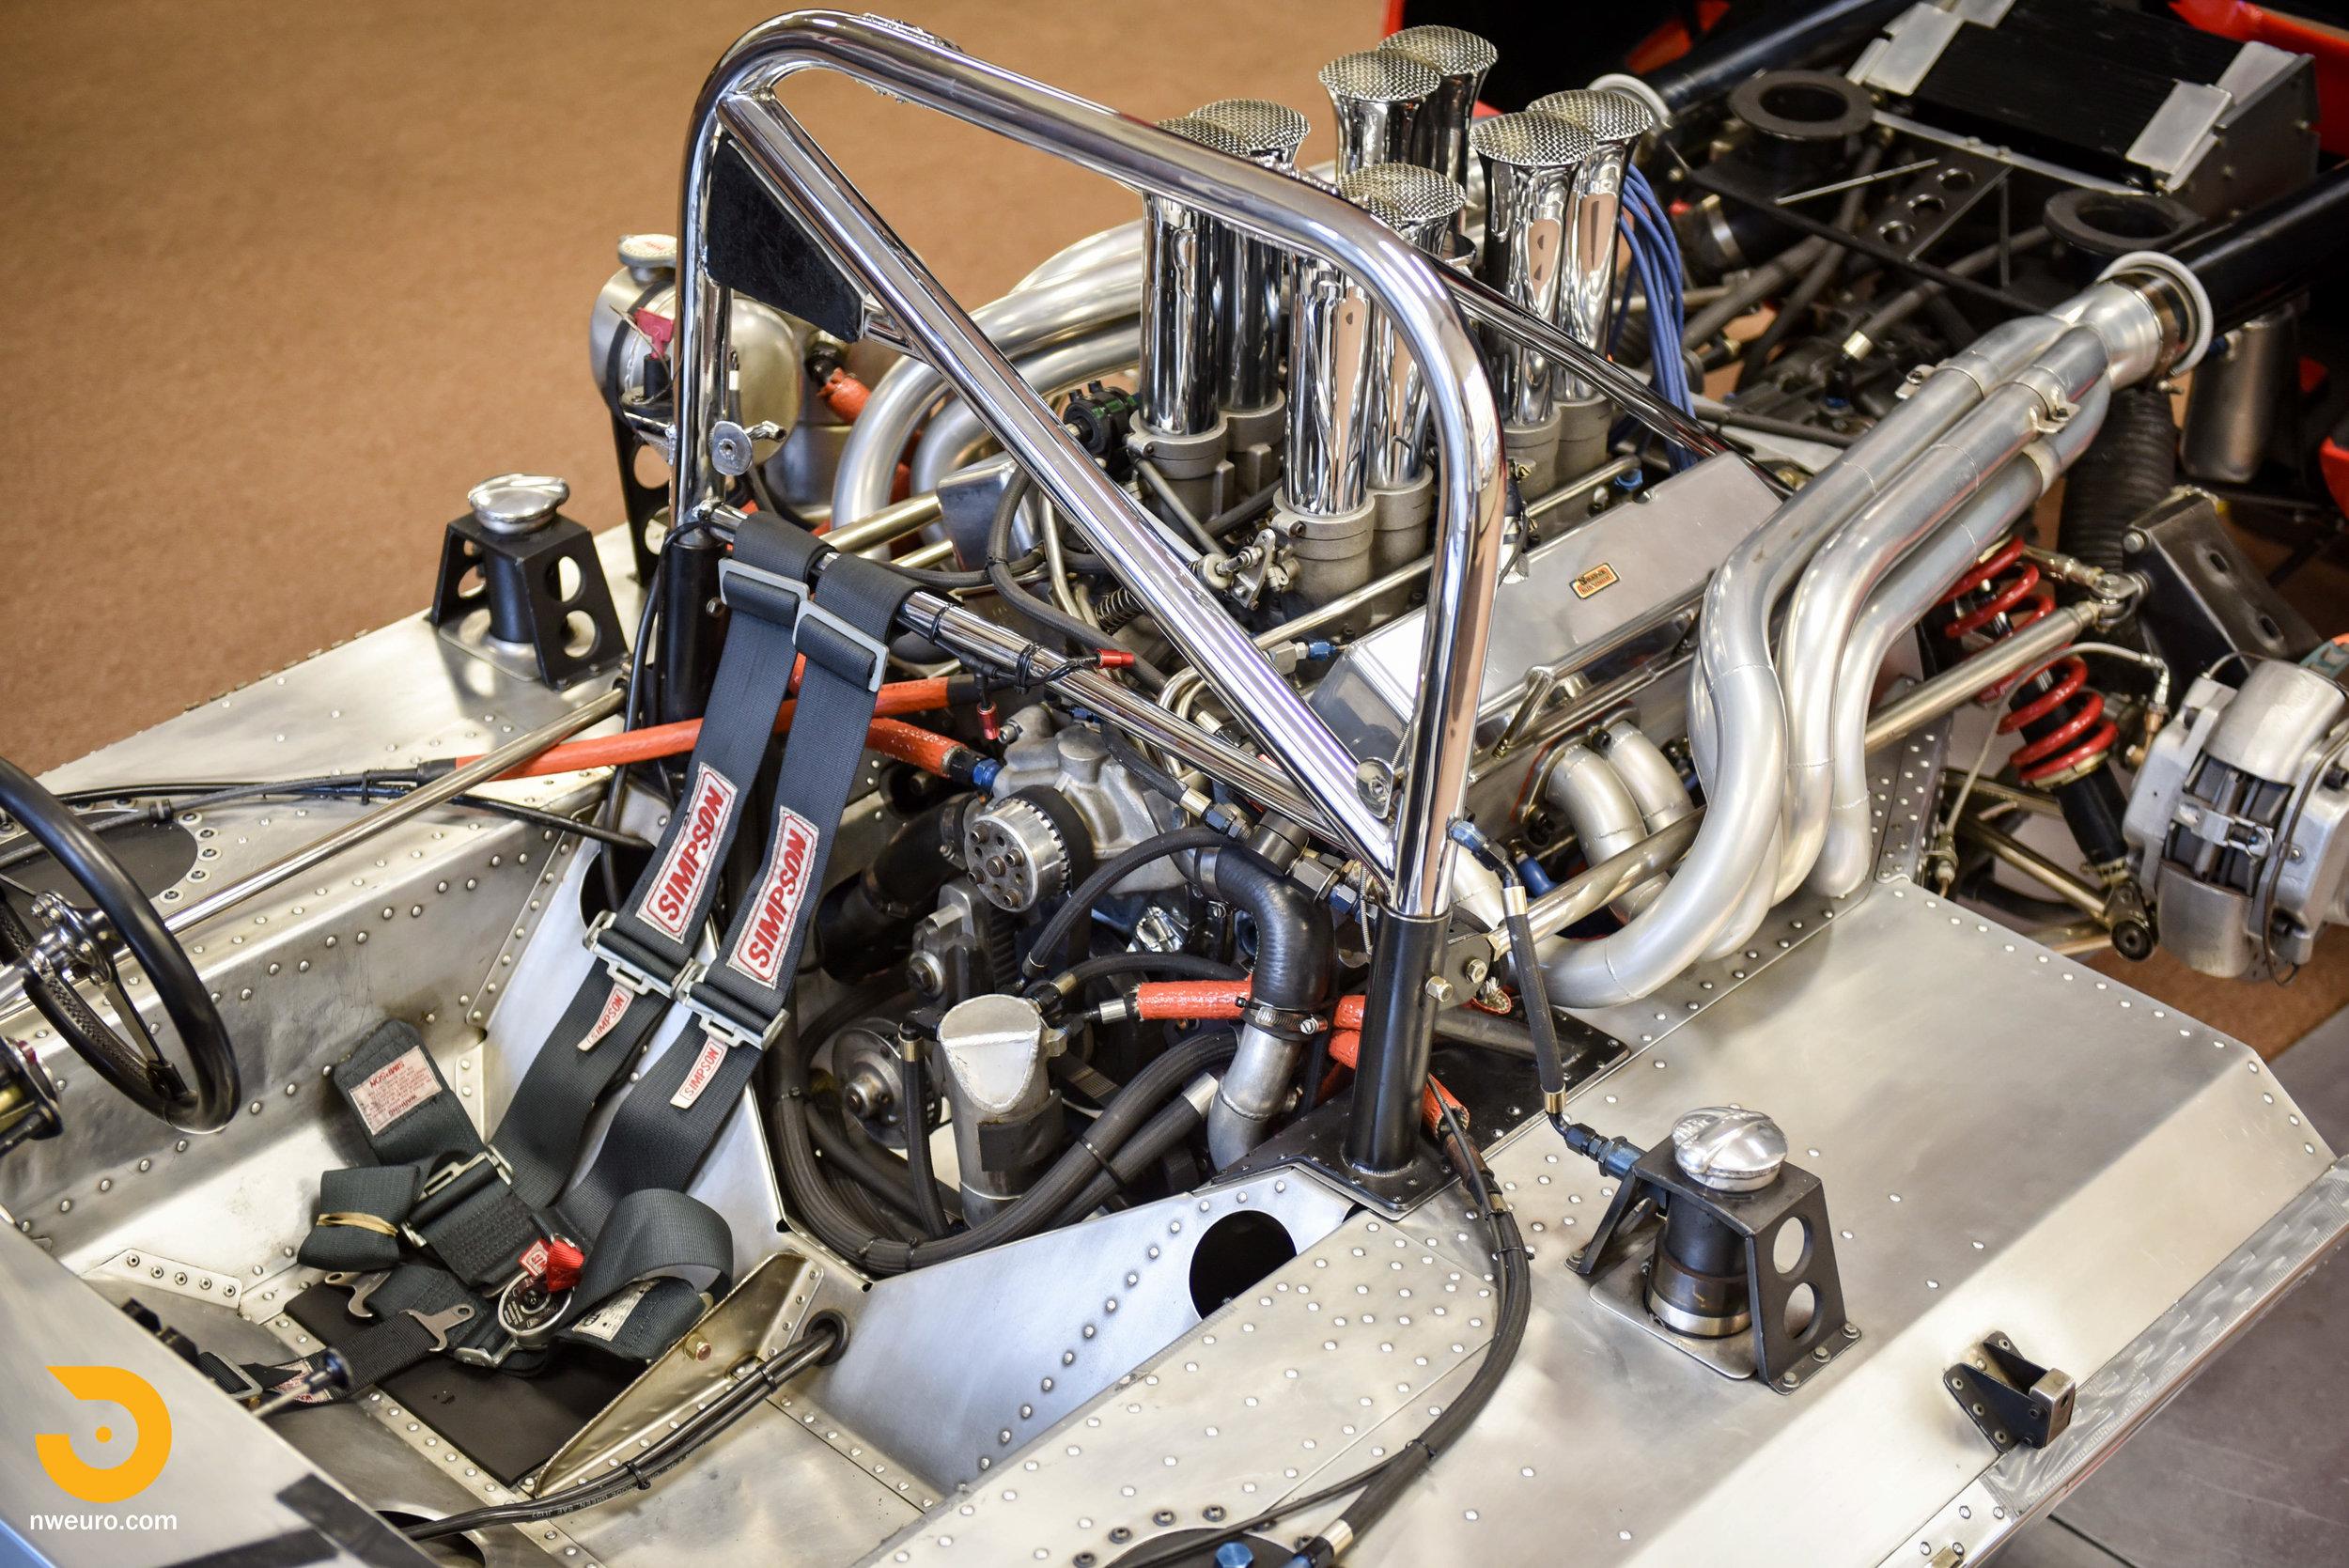 1969 Lola T162 Can-Am Race Car-6.jpg